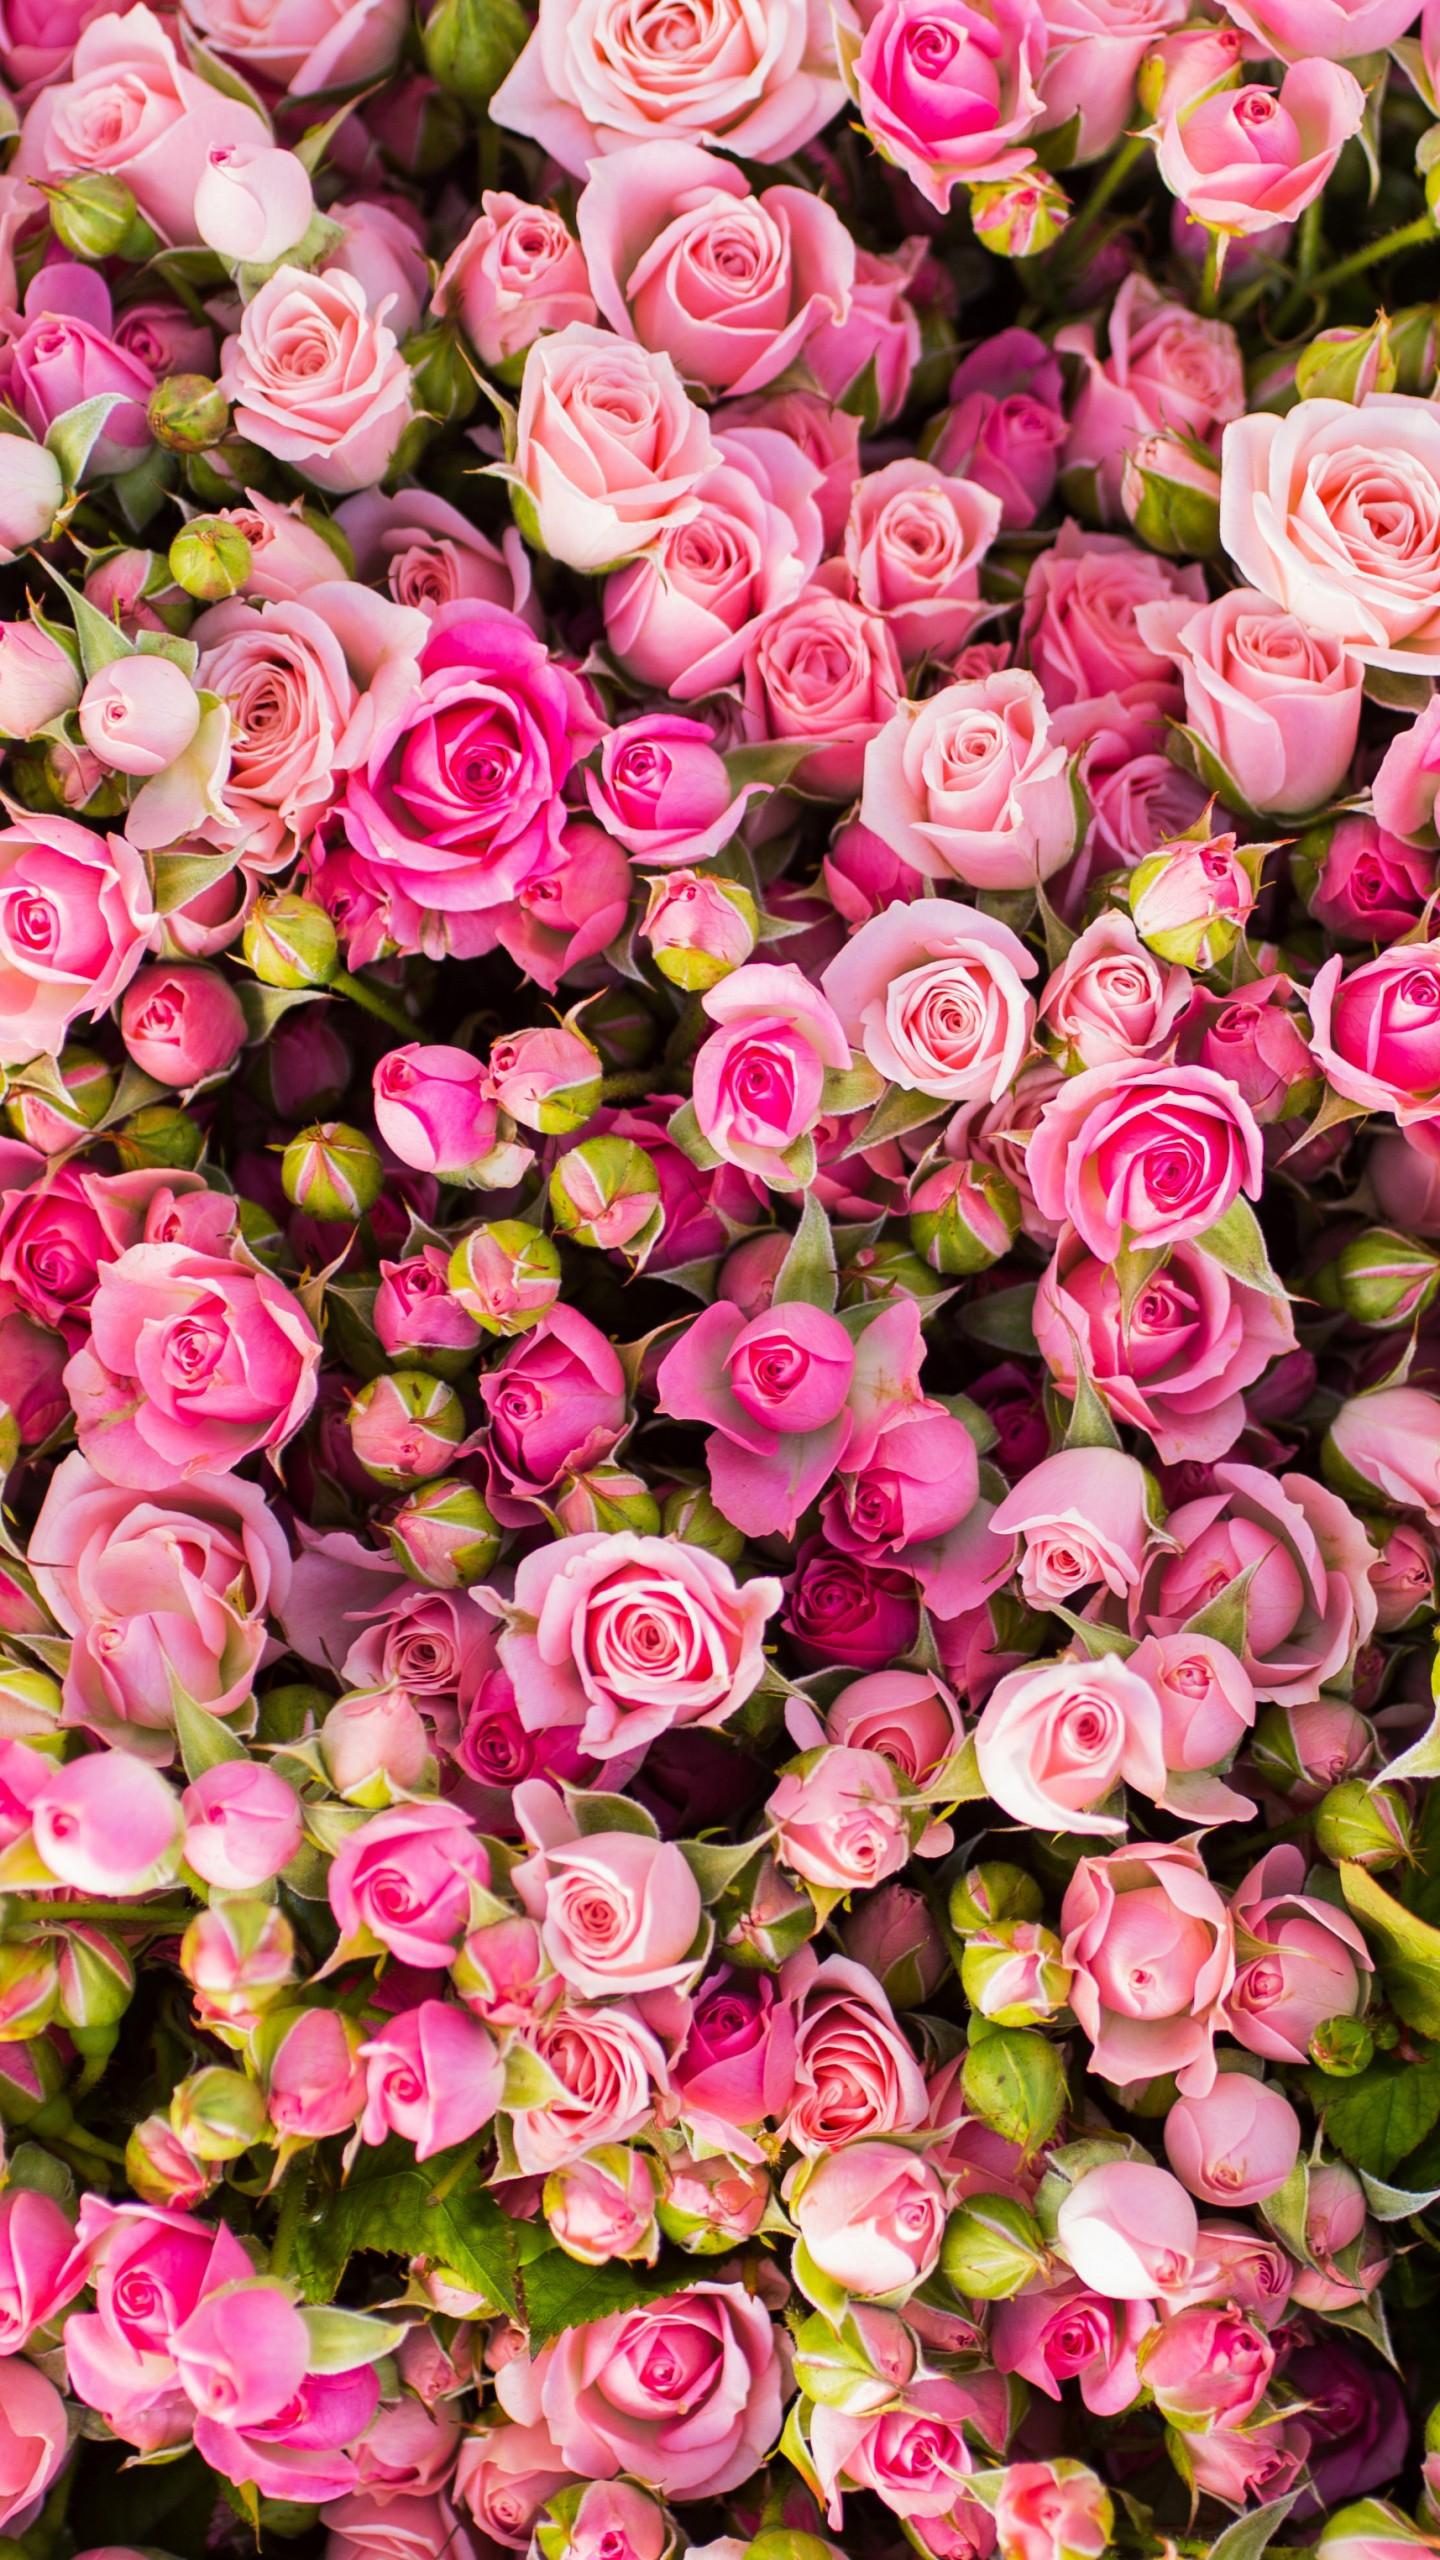 عکس زمینه دسته گل های رز صورتی زیبا پس زمینه